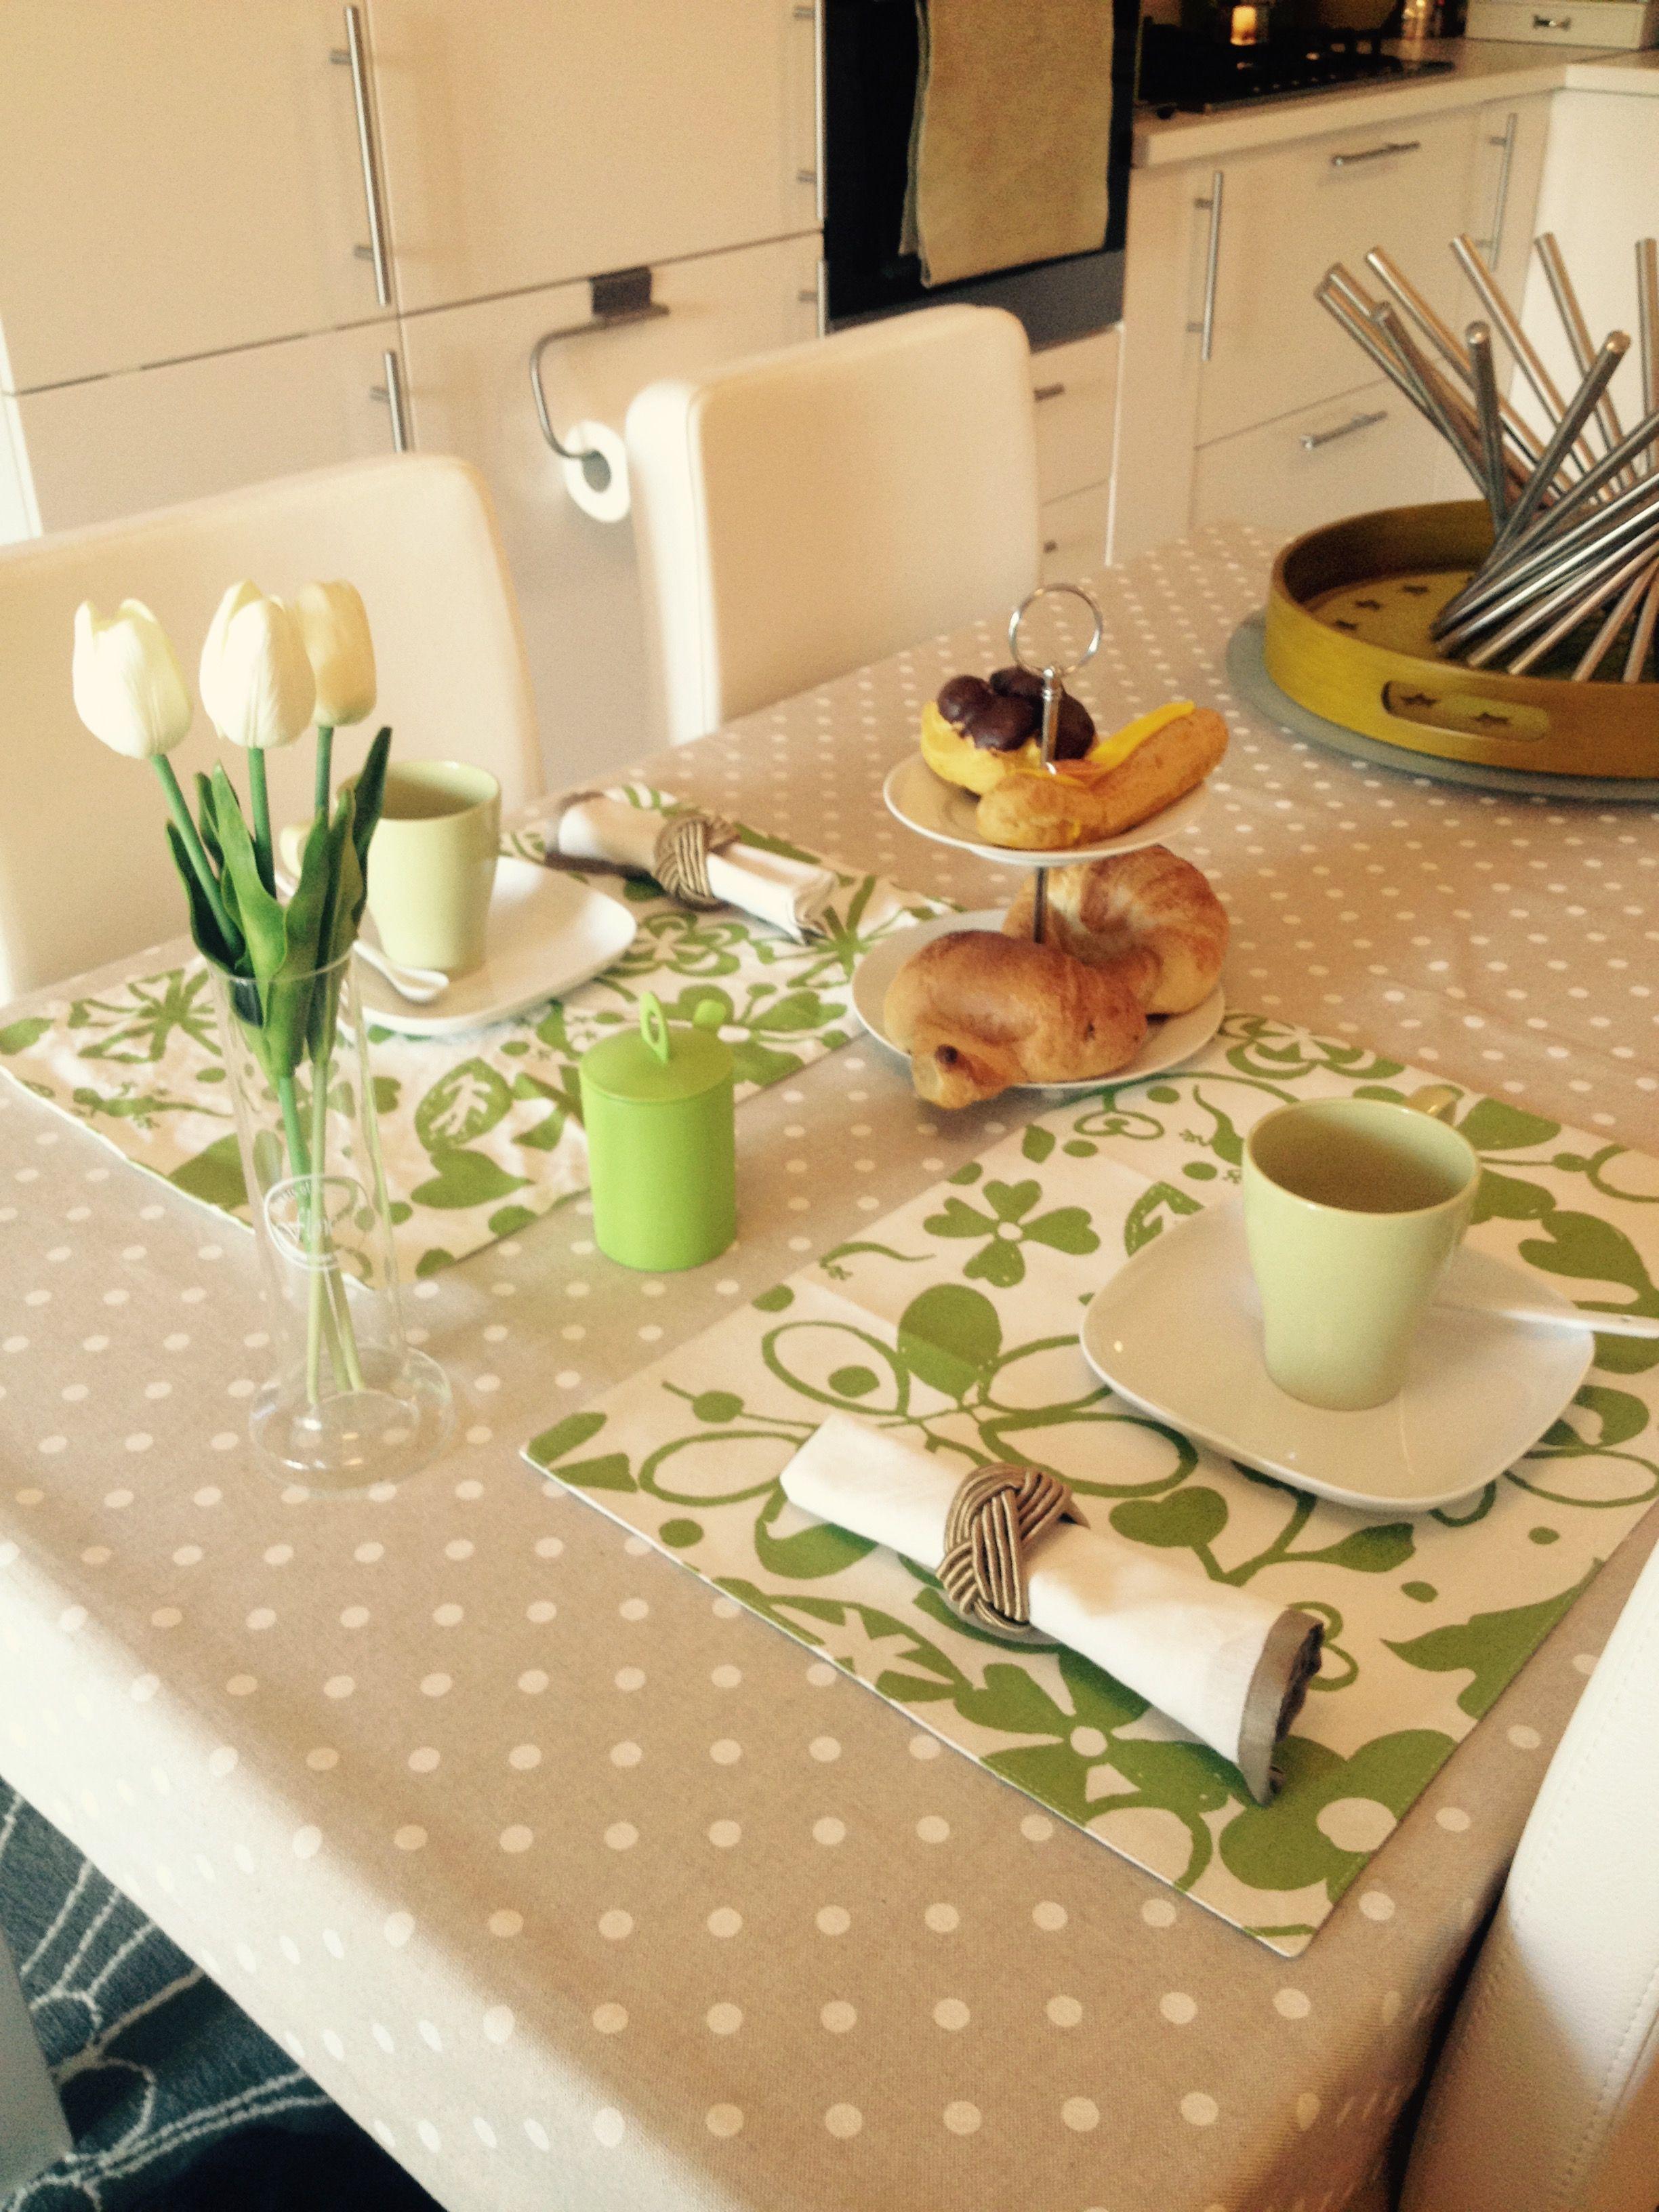 colazione con cappuccino, cornetto caldo, eclair con crema allo zabaione e bignè con crema pasticcera